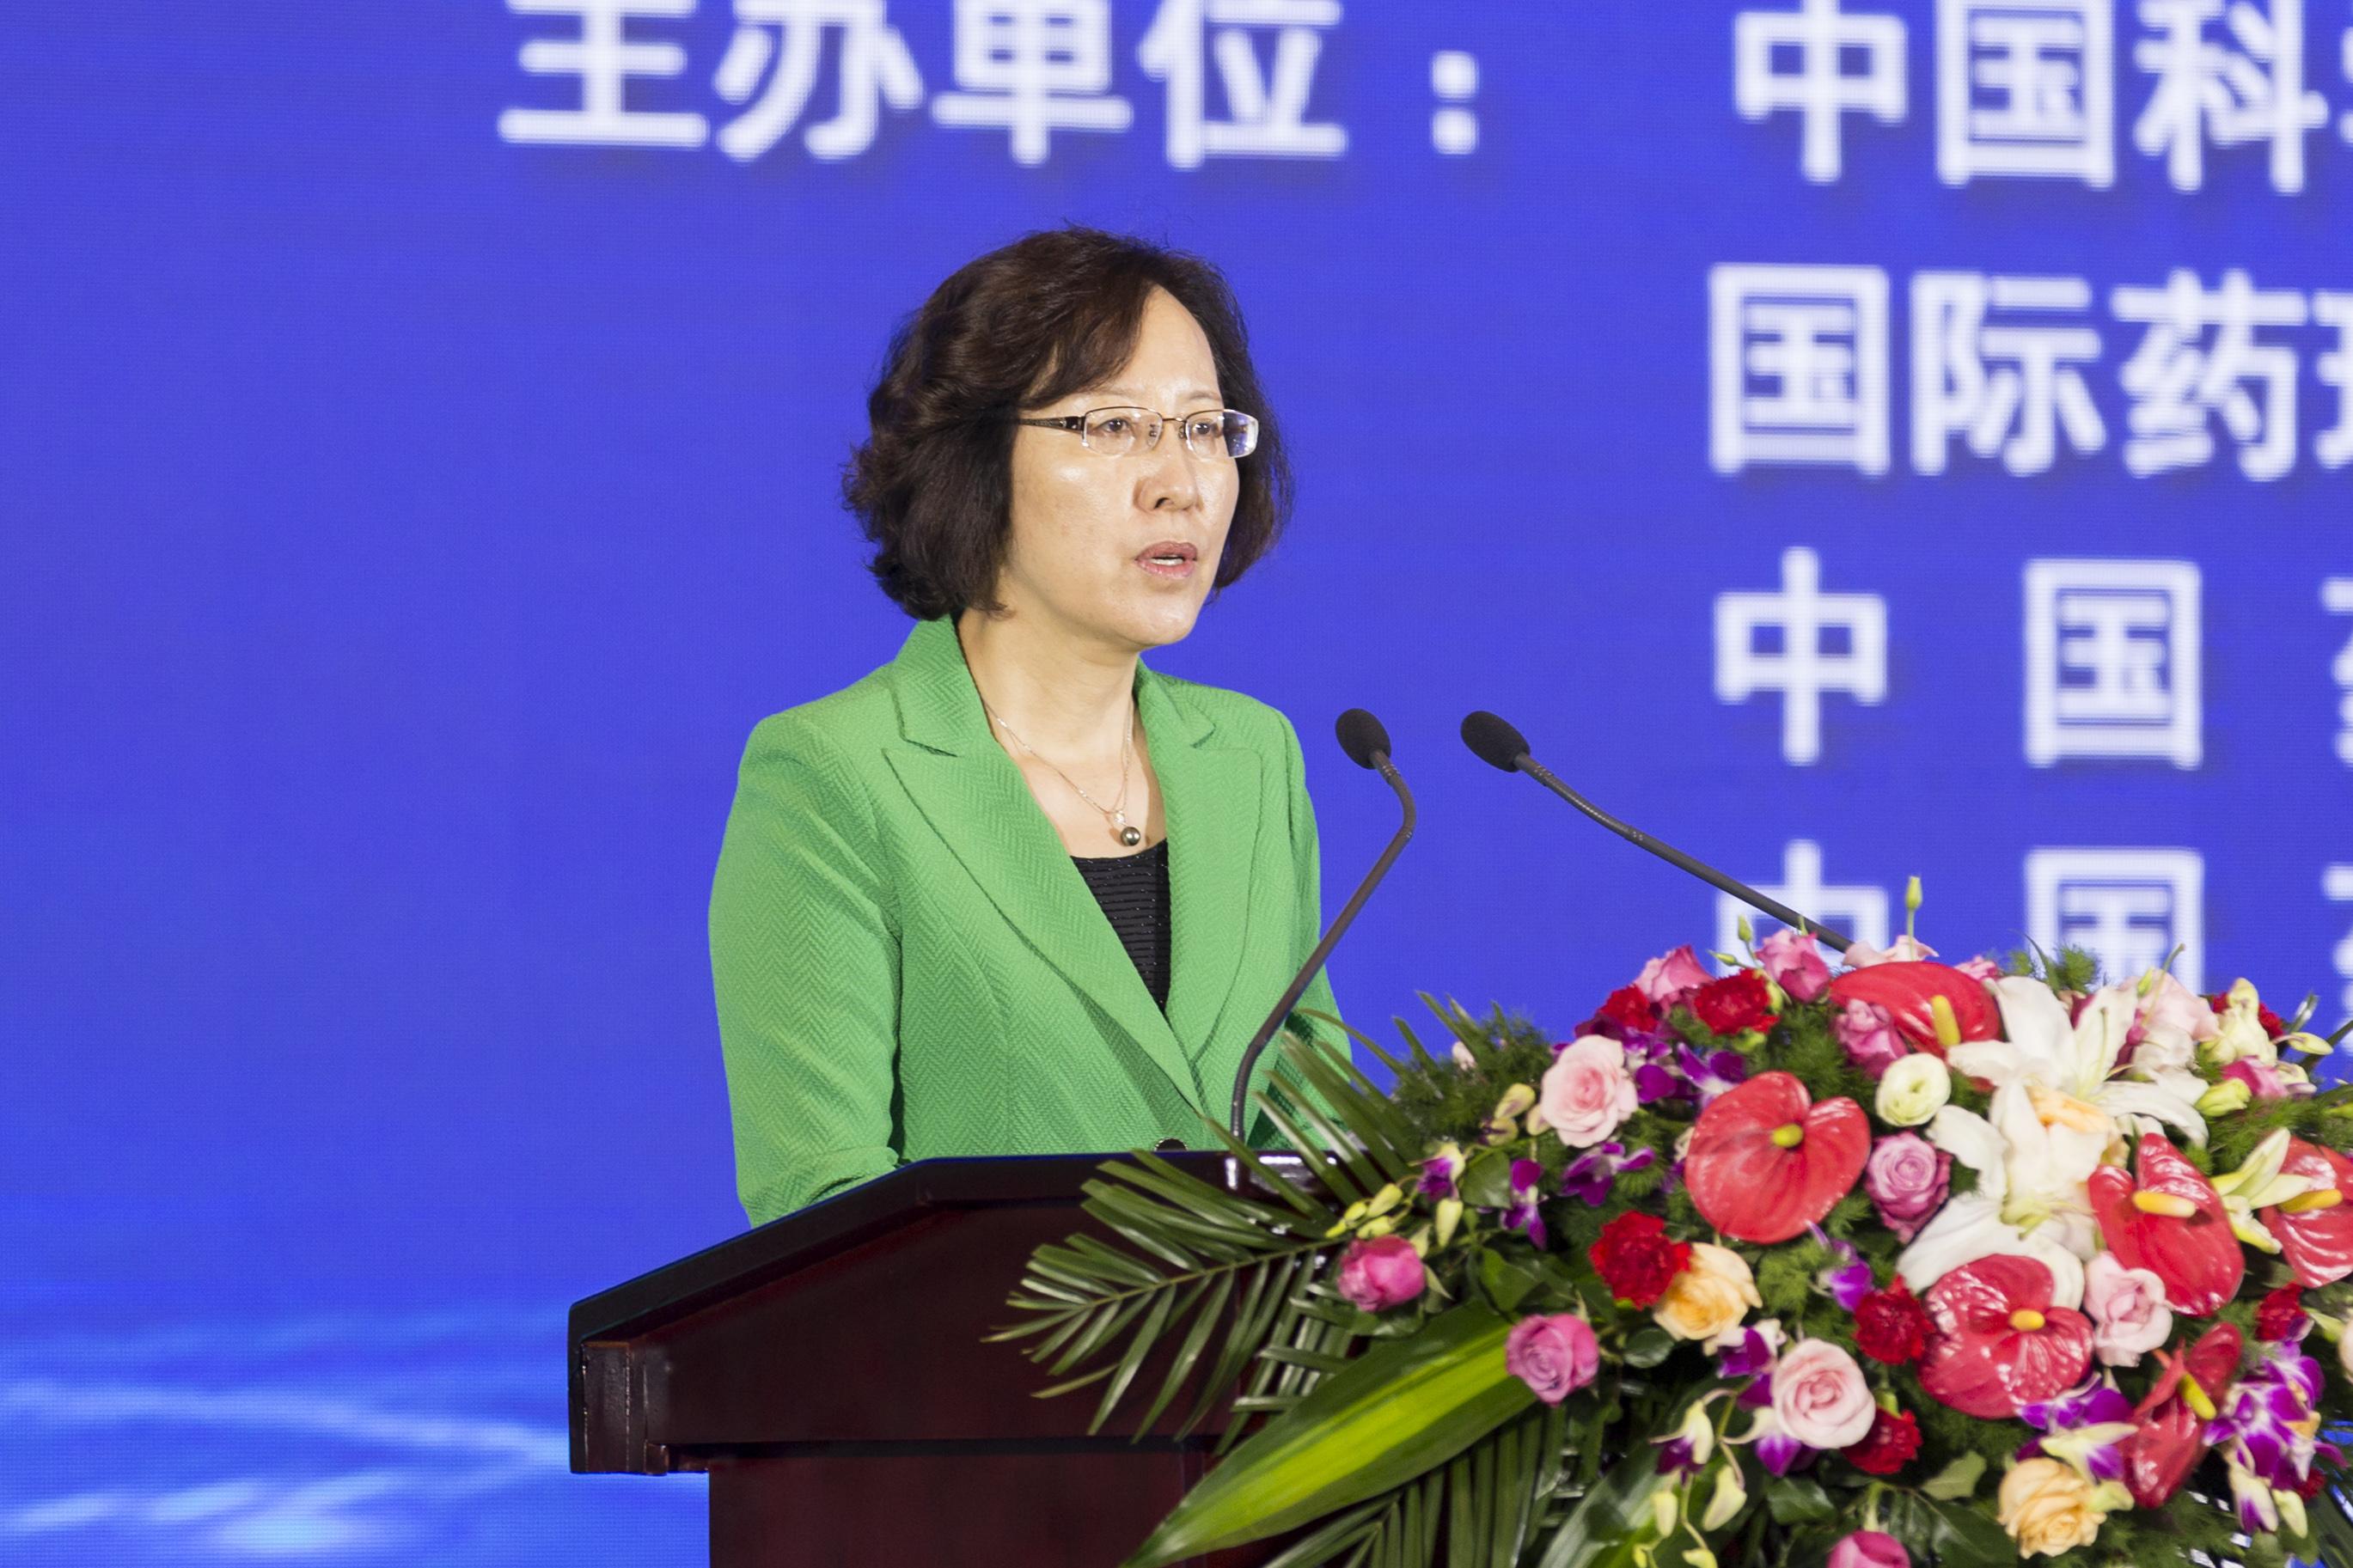 第二届中国(连云港)国际医药技术大会盛大启幕